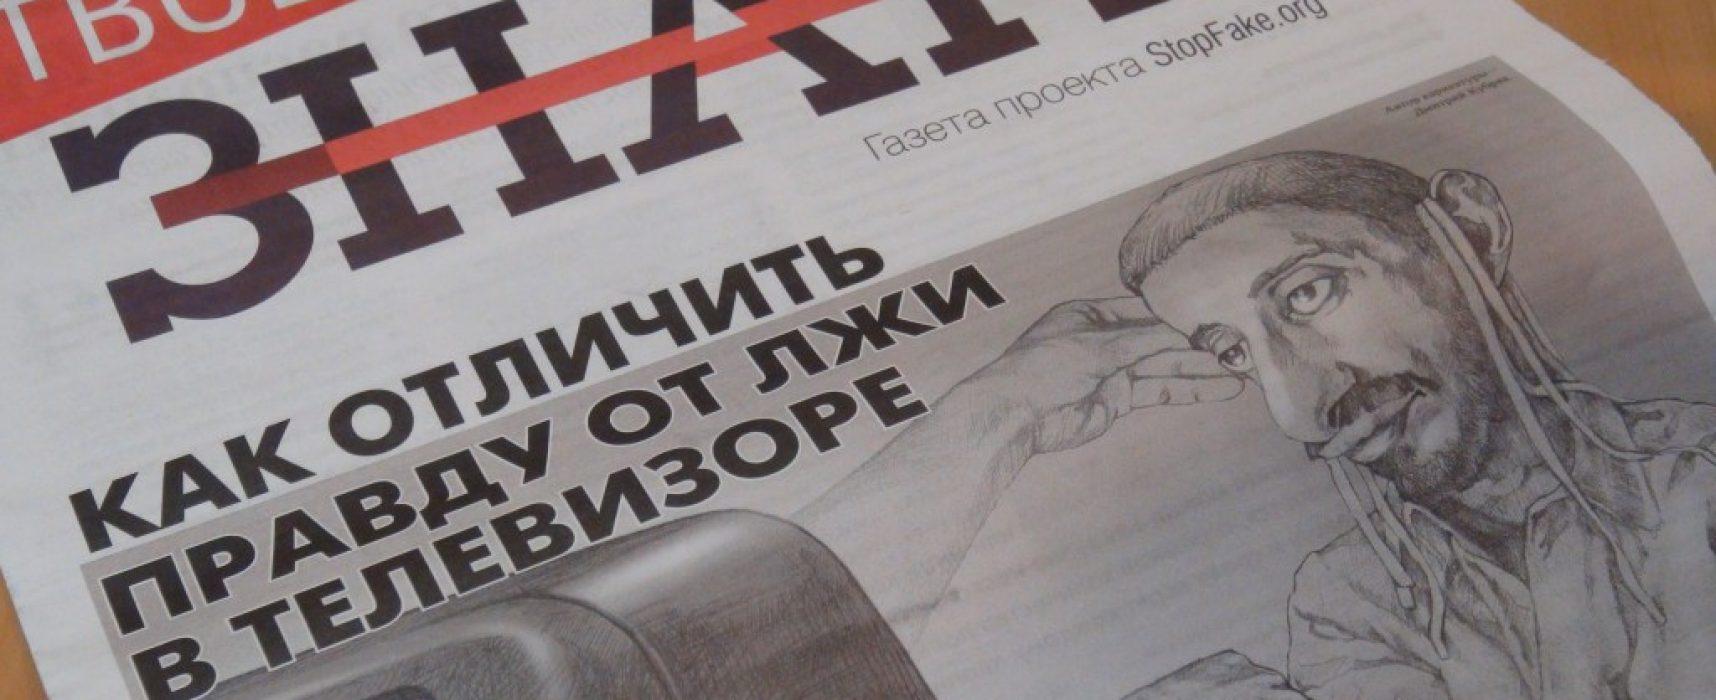 StopFake: quand les étudiants s'impliquent contre la propagande